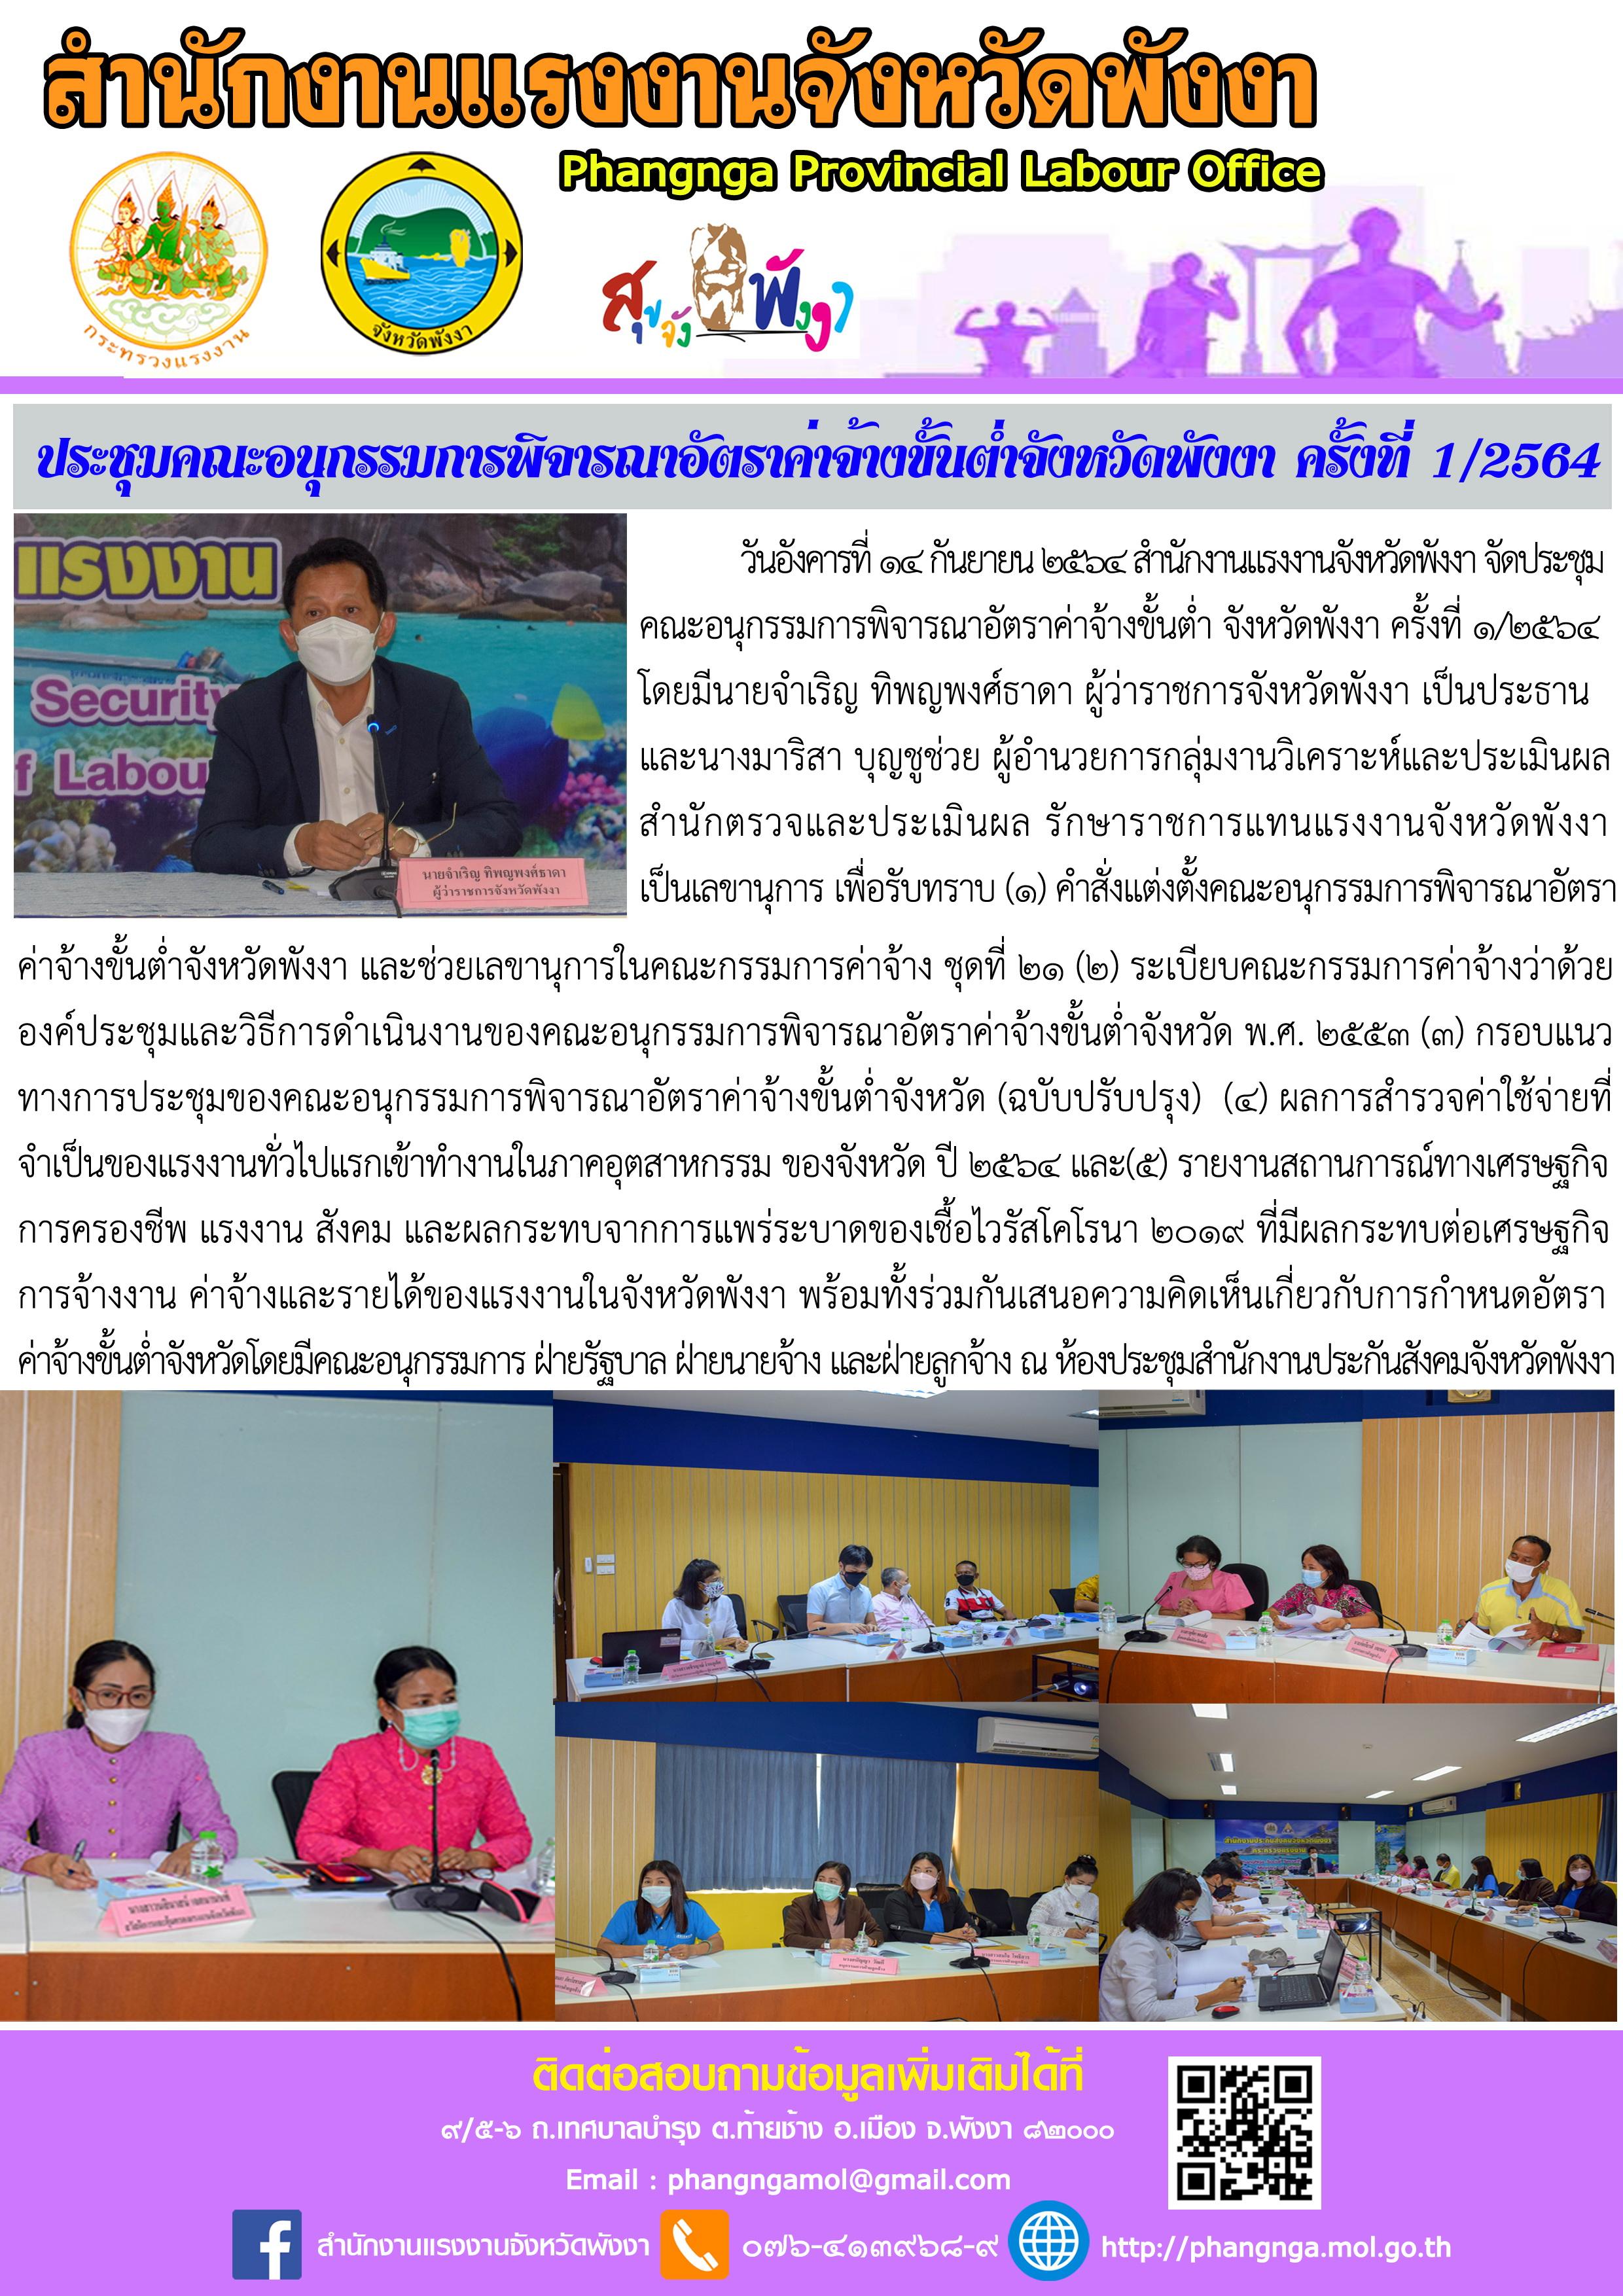 ประชุมคณะอนุกรรมการพิจารณาอัตราค่าจ้างขั้นต่ำจังหวัดพังงา ครั้งที่ 1/2564